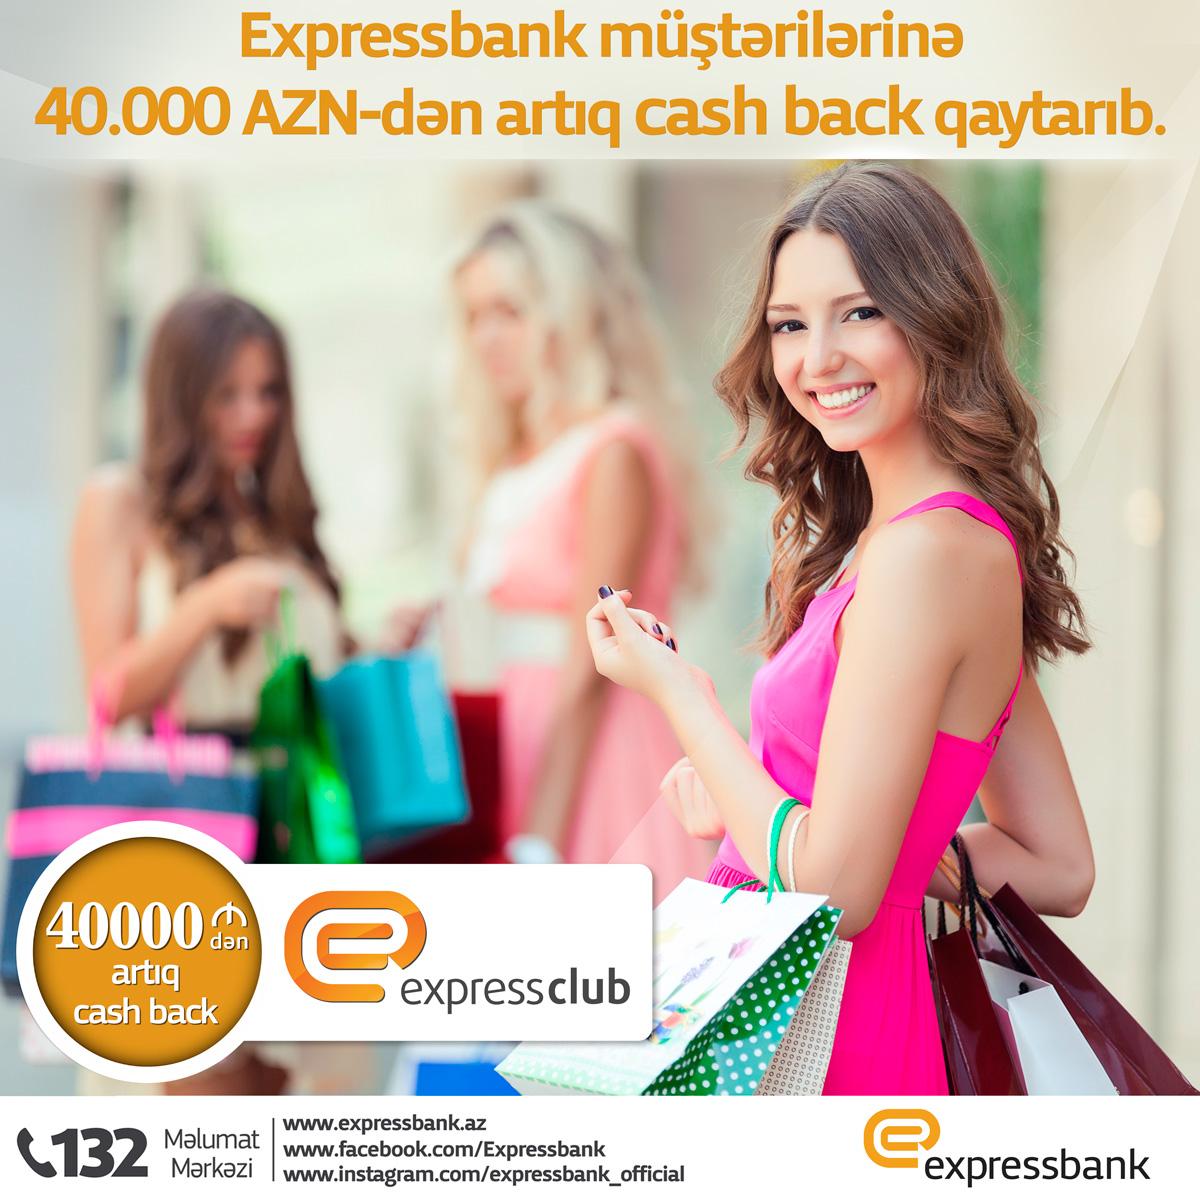 Expressbank müştərilərinə 40.000 AZN-dən artıq cash back qaytarıb